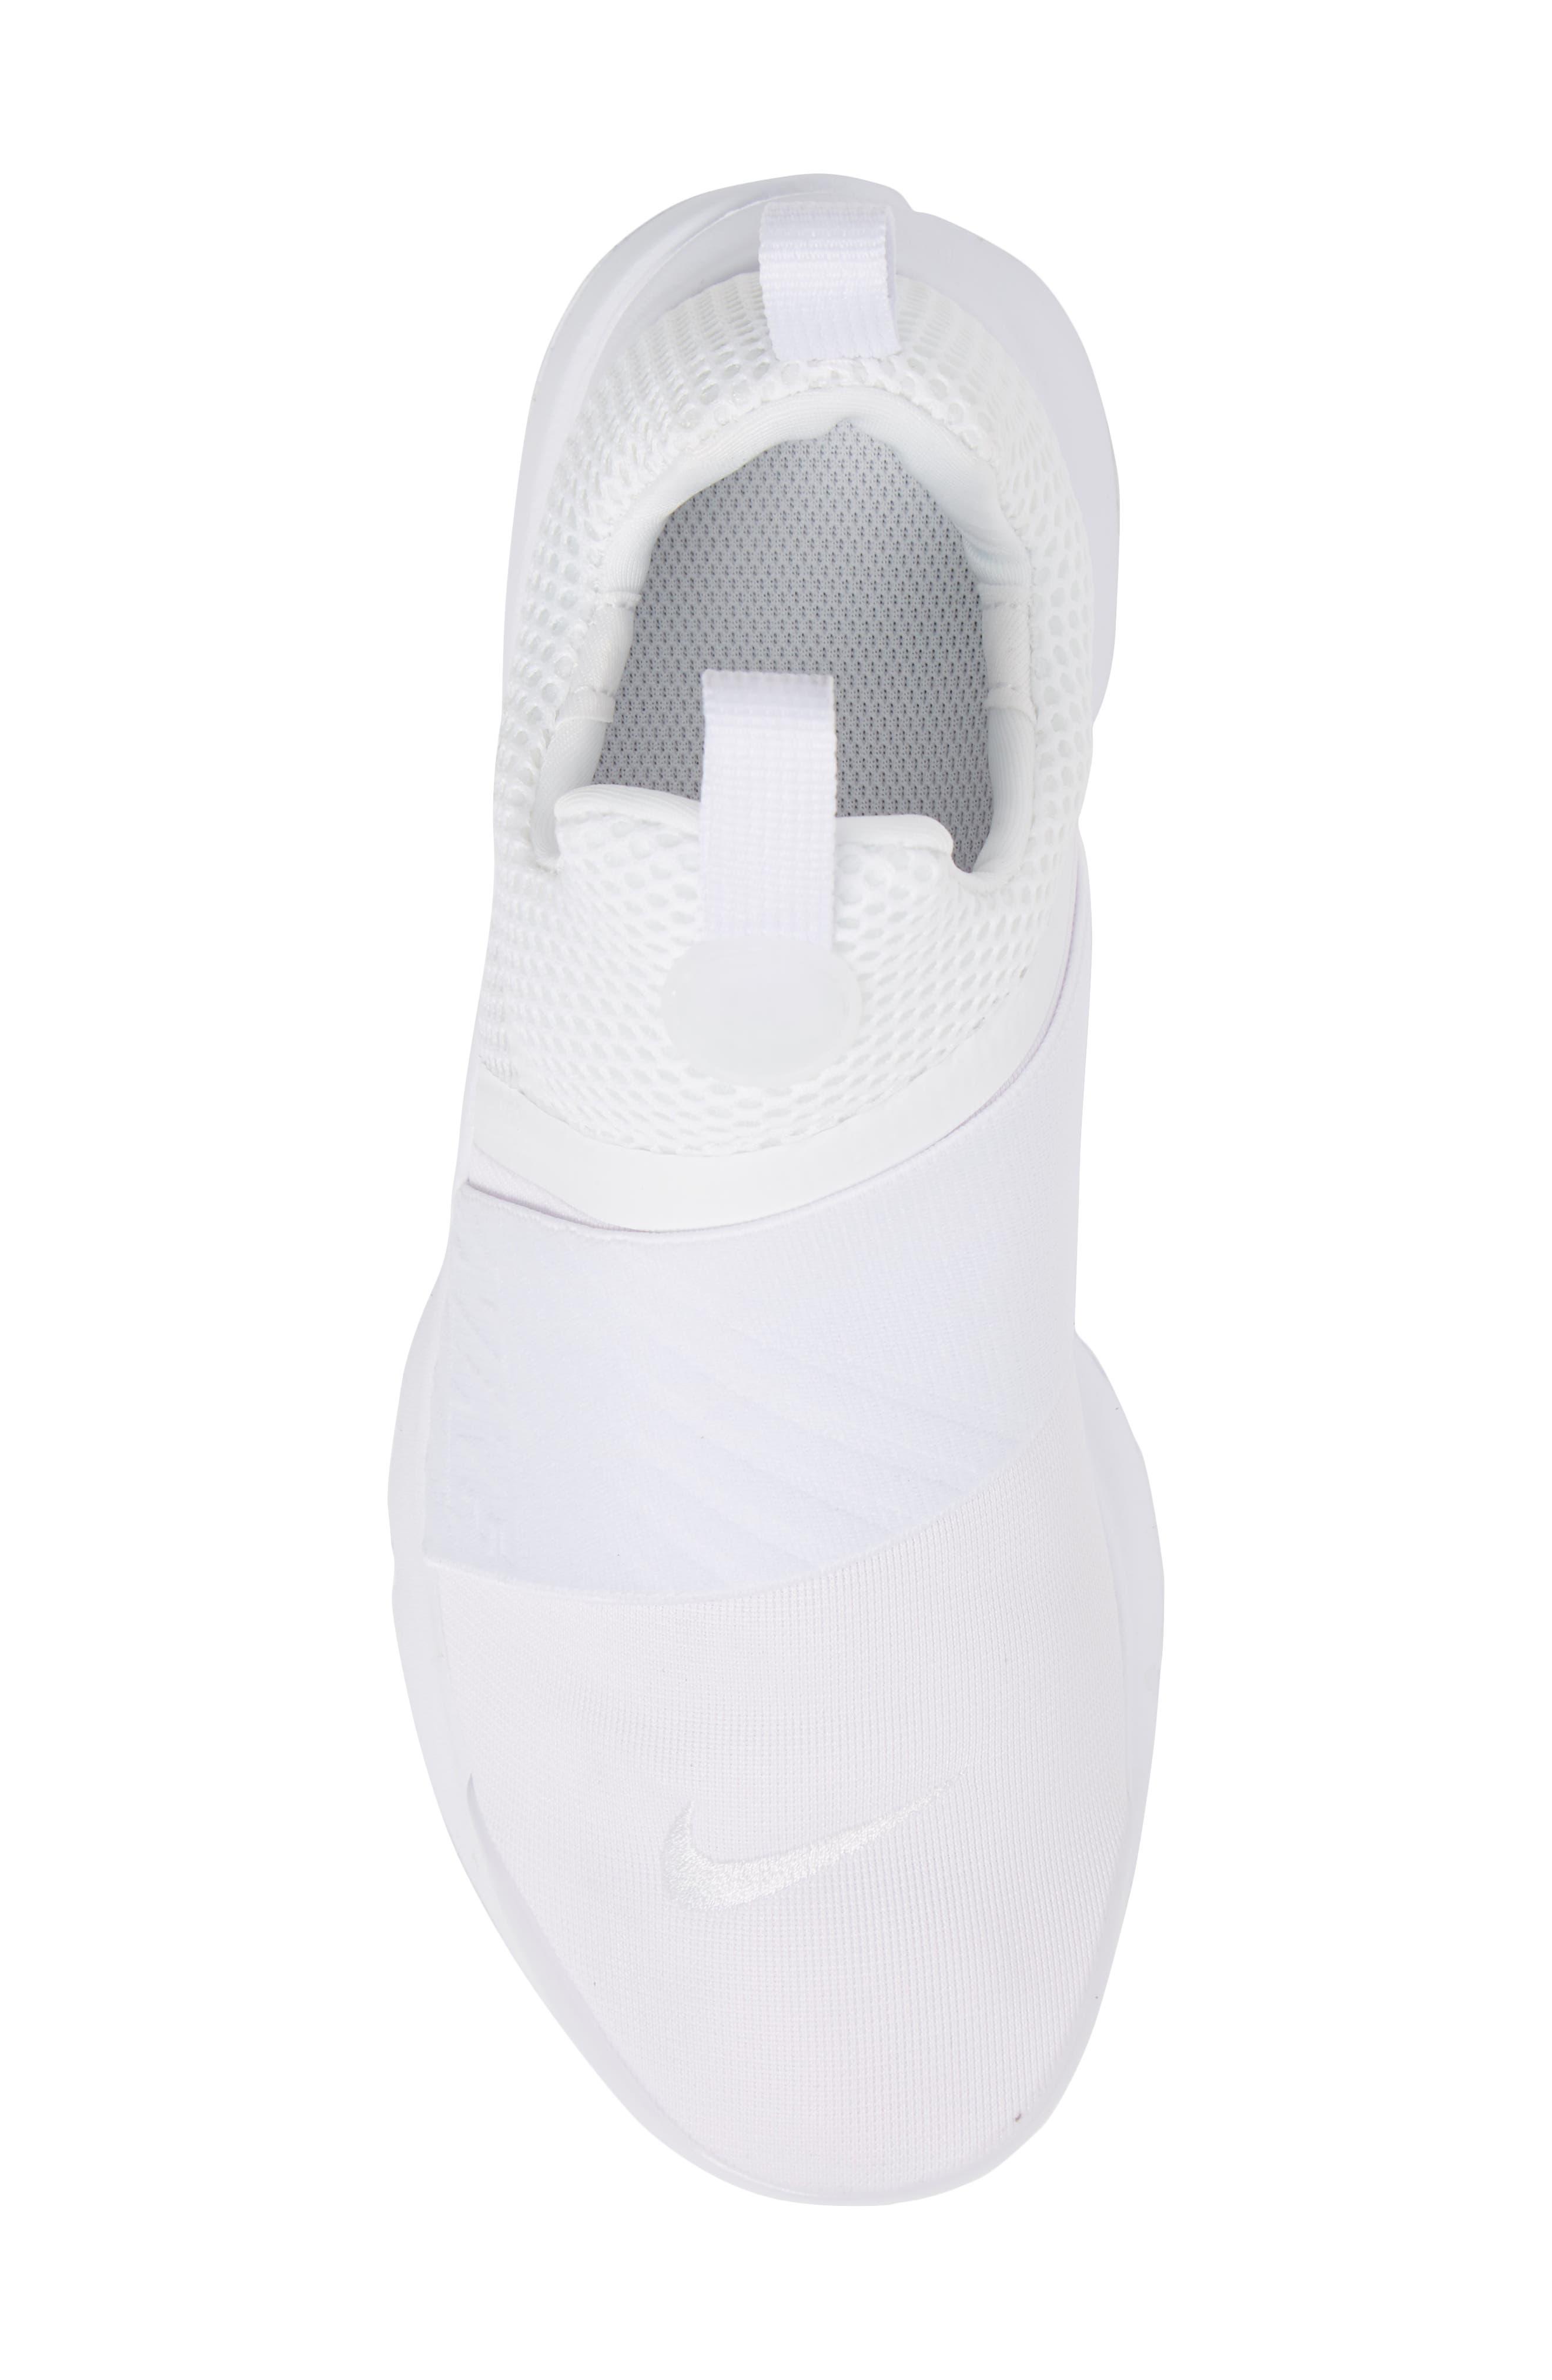 Presto Extreme Sneaker,                             Alternate thumbnail 5, color,                             White/ White/ White